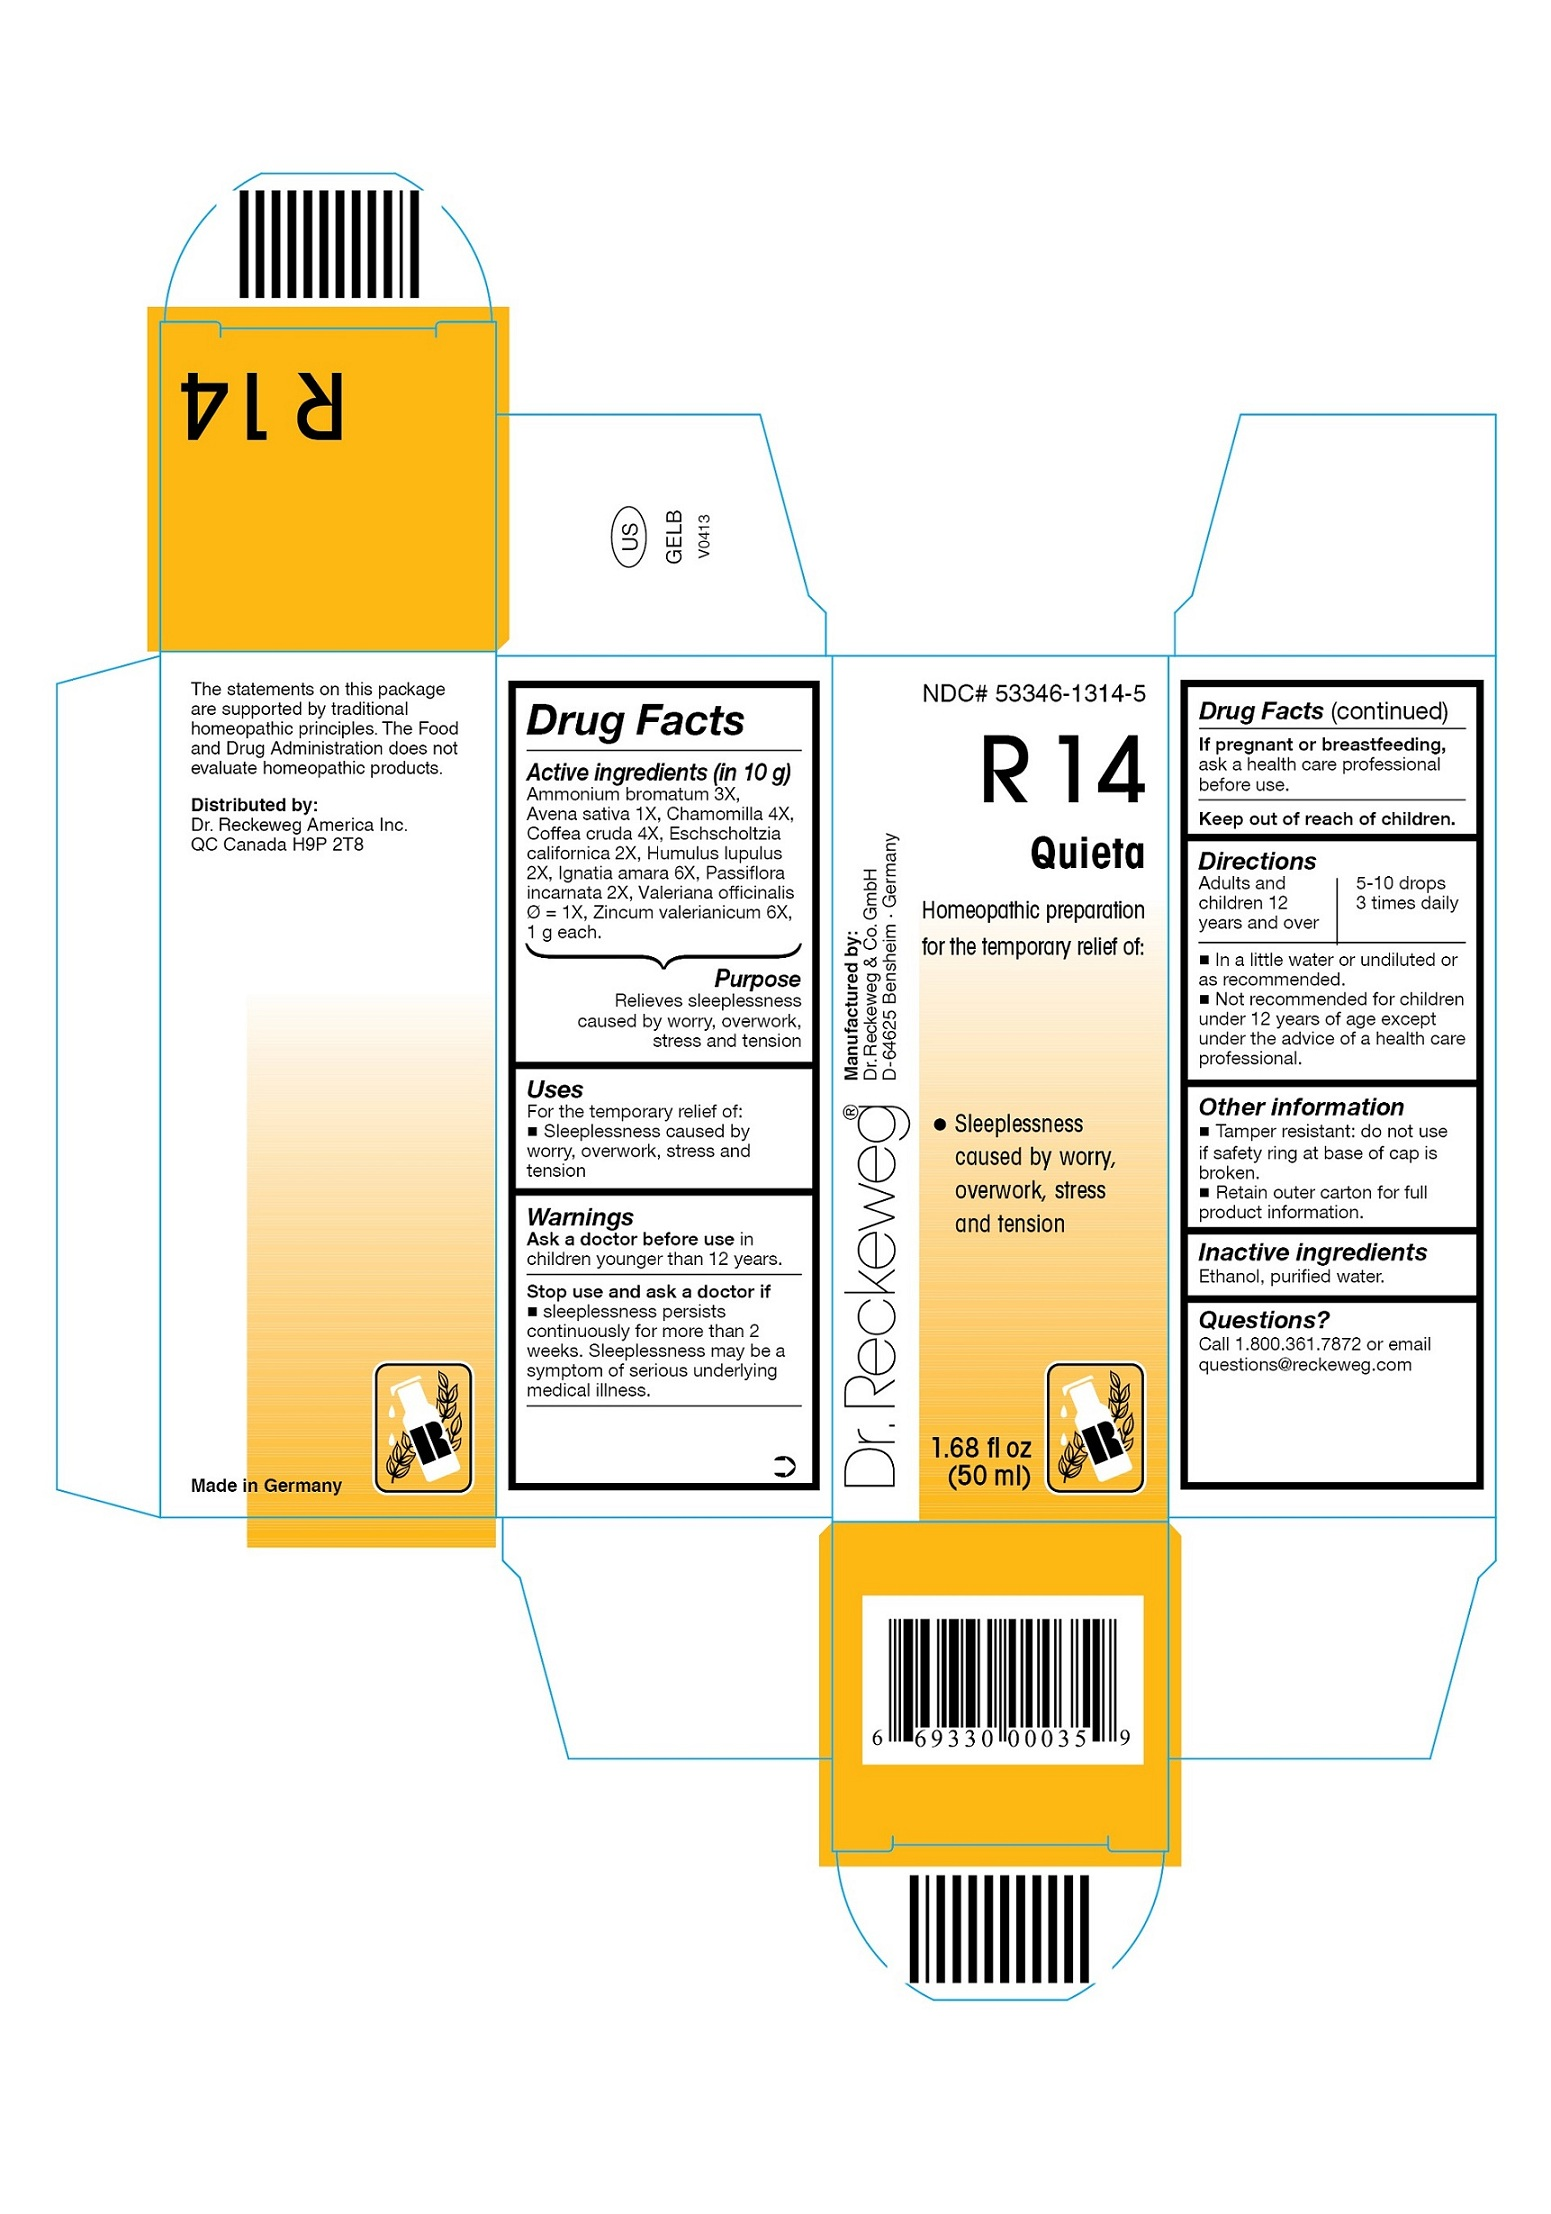 Dr. Reckeweg R14 Quieta Combination Product (Ammonium Bromatum 3x, Avena Sativa 1x, Chamomilla 4x, Coffea Cruda 4x, Eschscholtzia Californica 2x, Humulus Lupulus 2x, Ignatia Amara 6x, Passiflora Incarnata 2x, Valeriana Officinalis 1x, Zincum Valerianicum 6x) Liquid [Pharmazeutische Fabrik Dr. Reckeweg & Co]